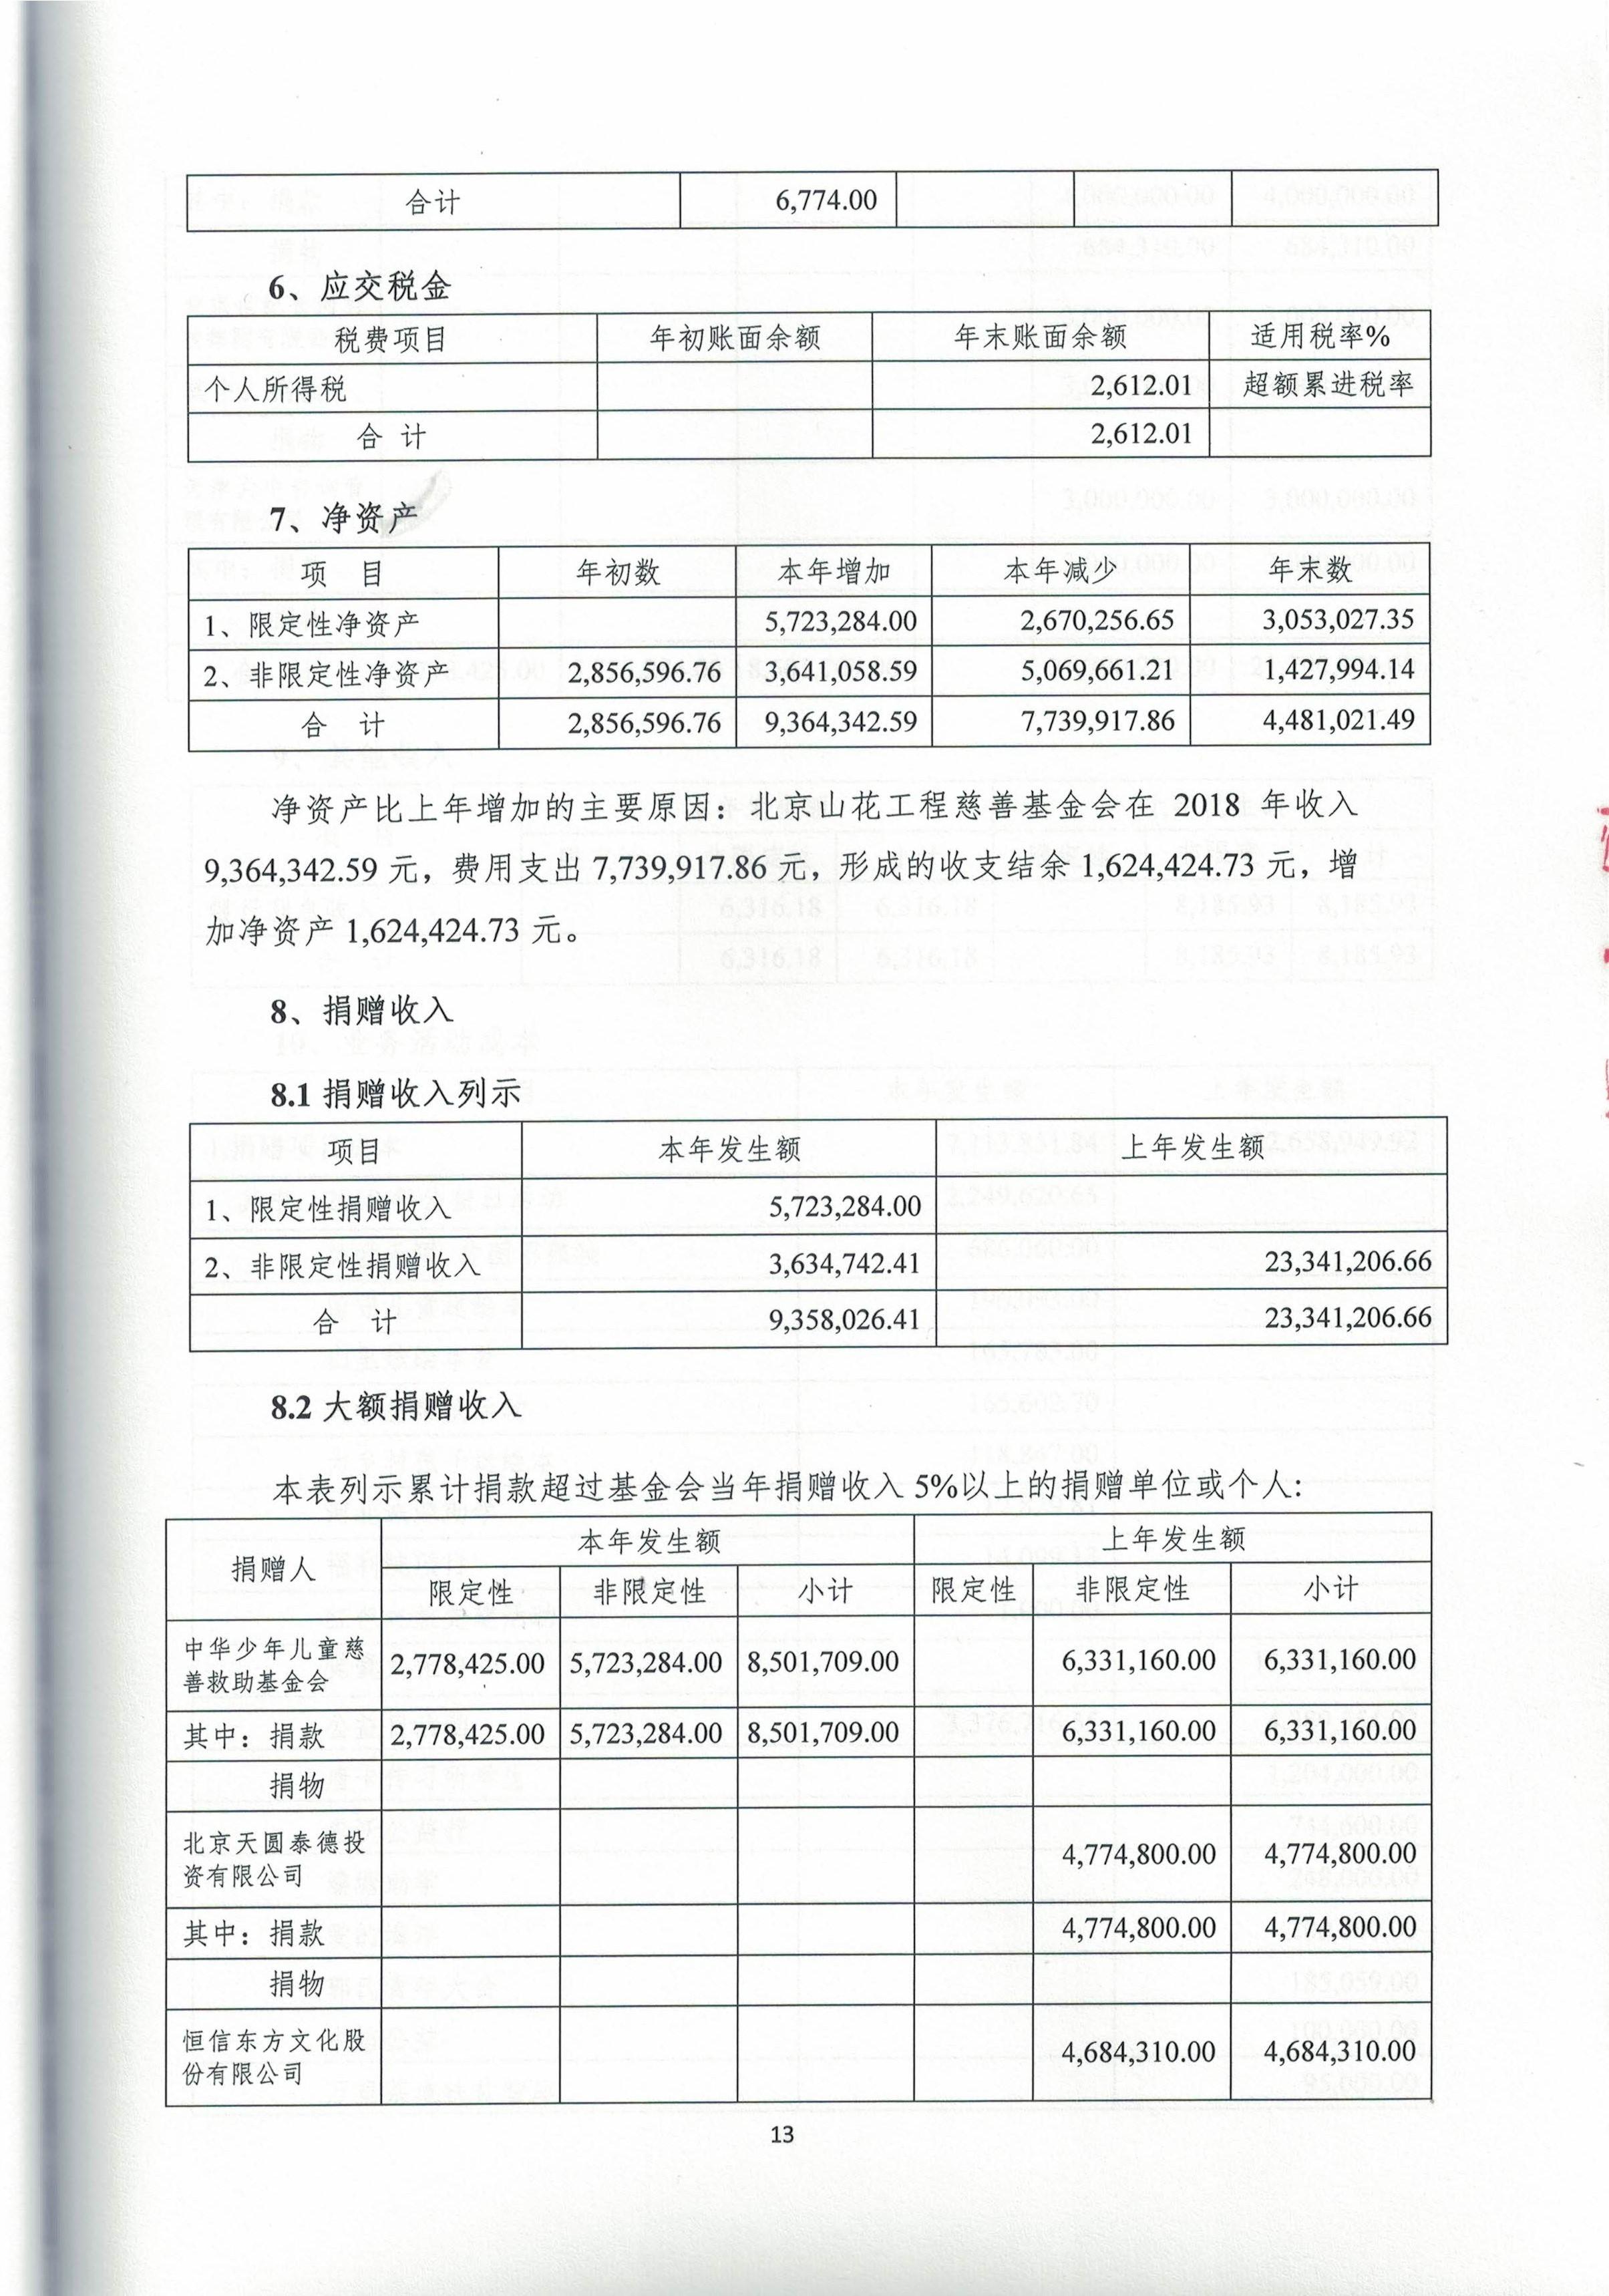 2018审计报告_页面_15